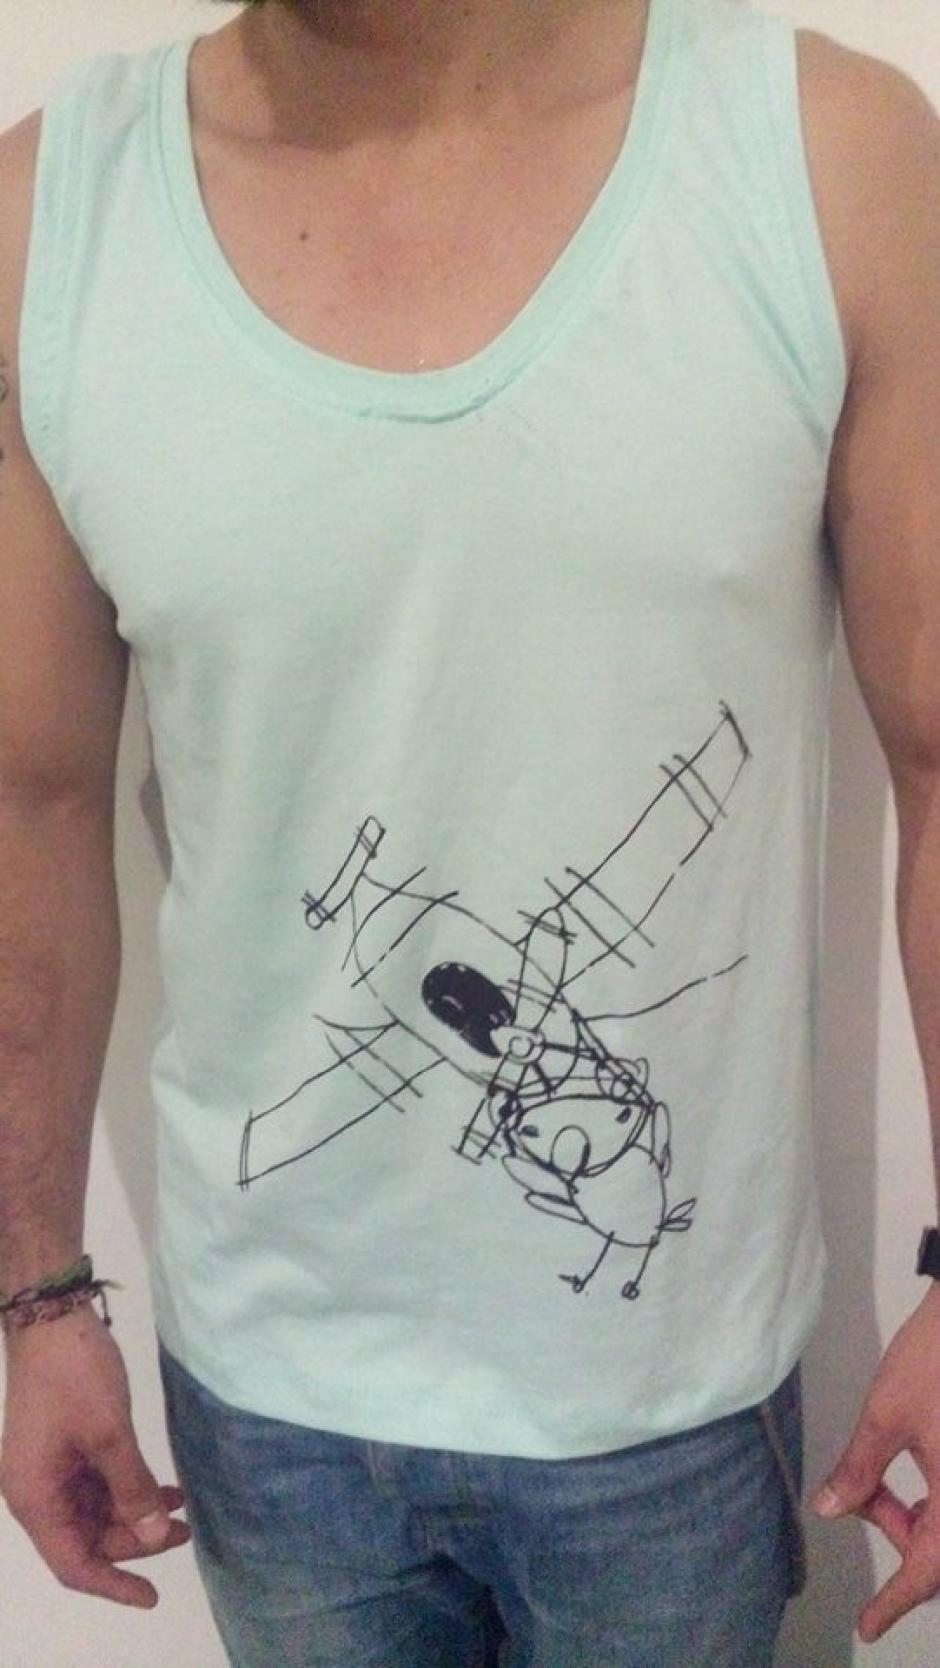 Las playeras y camisetas para hombre van de la talla S a la L.(Foto: Juan Pablo Romero Fuentes)